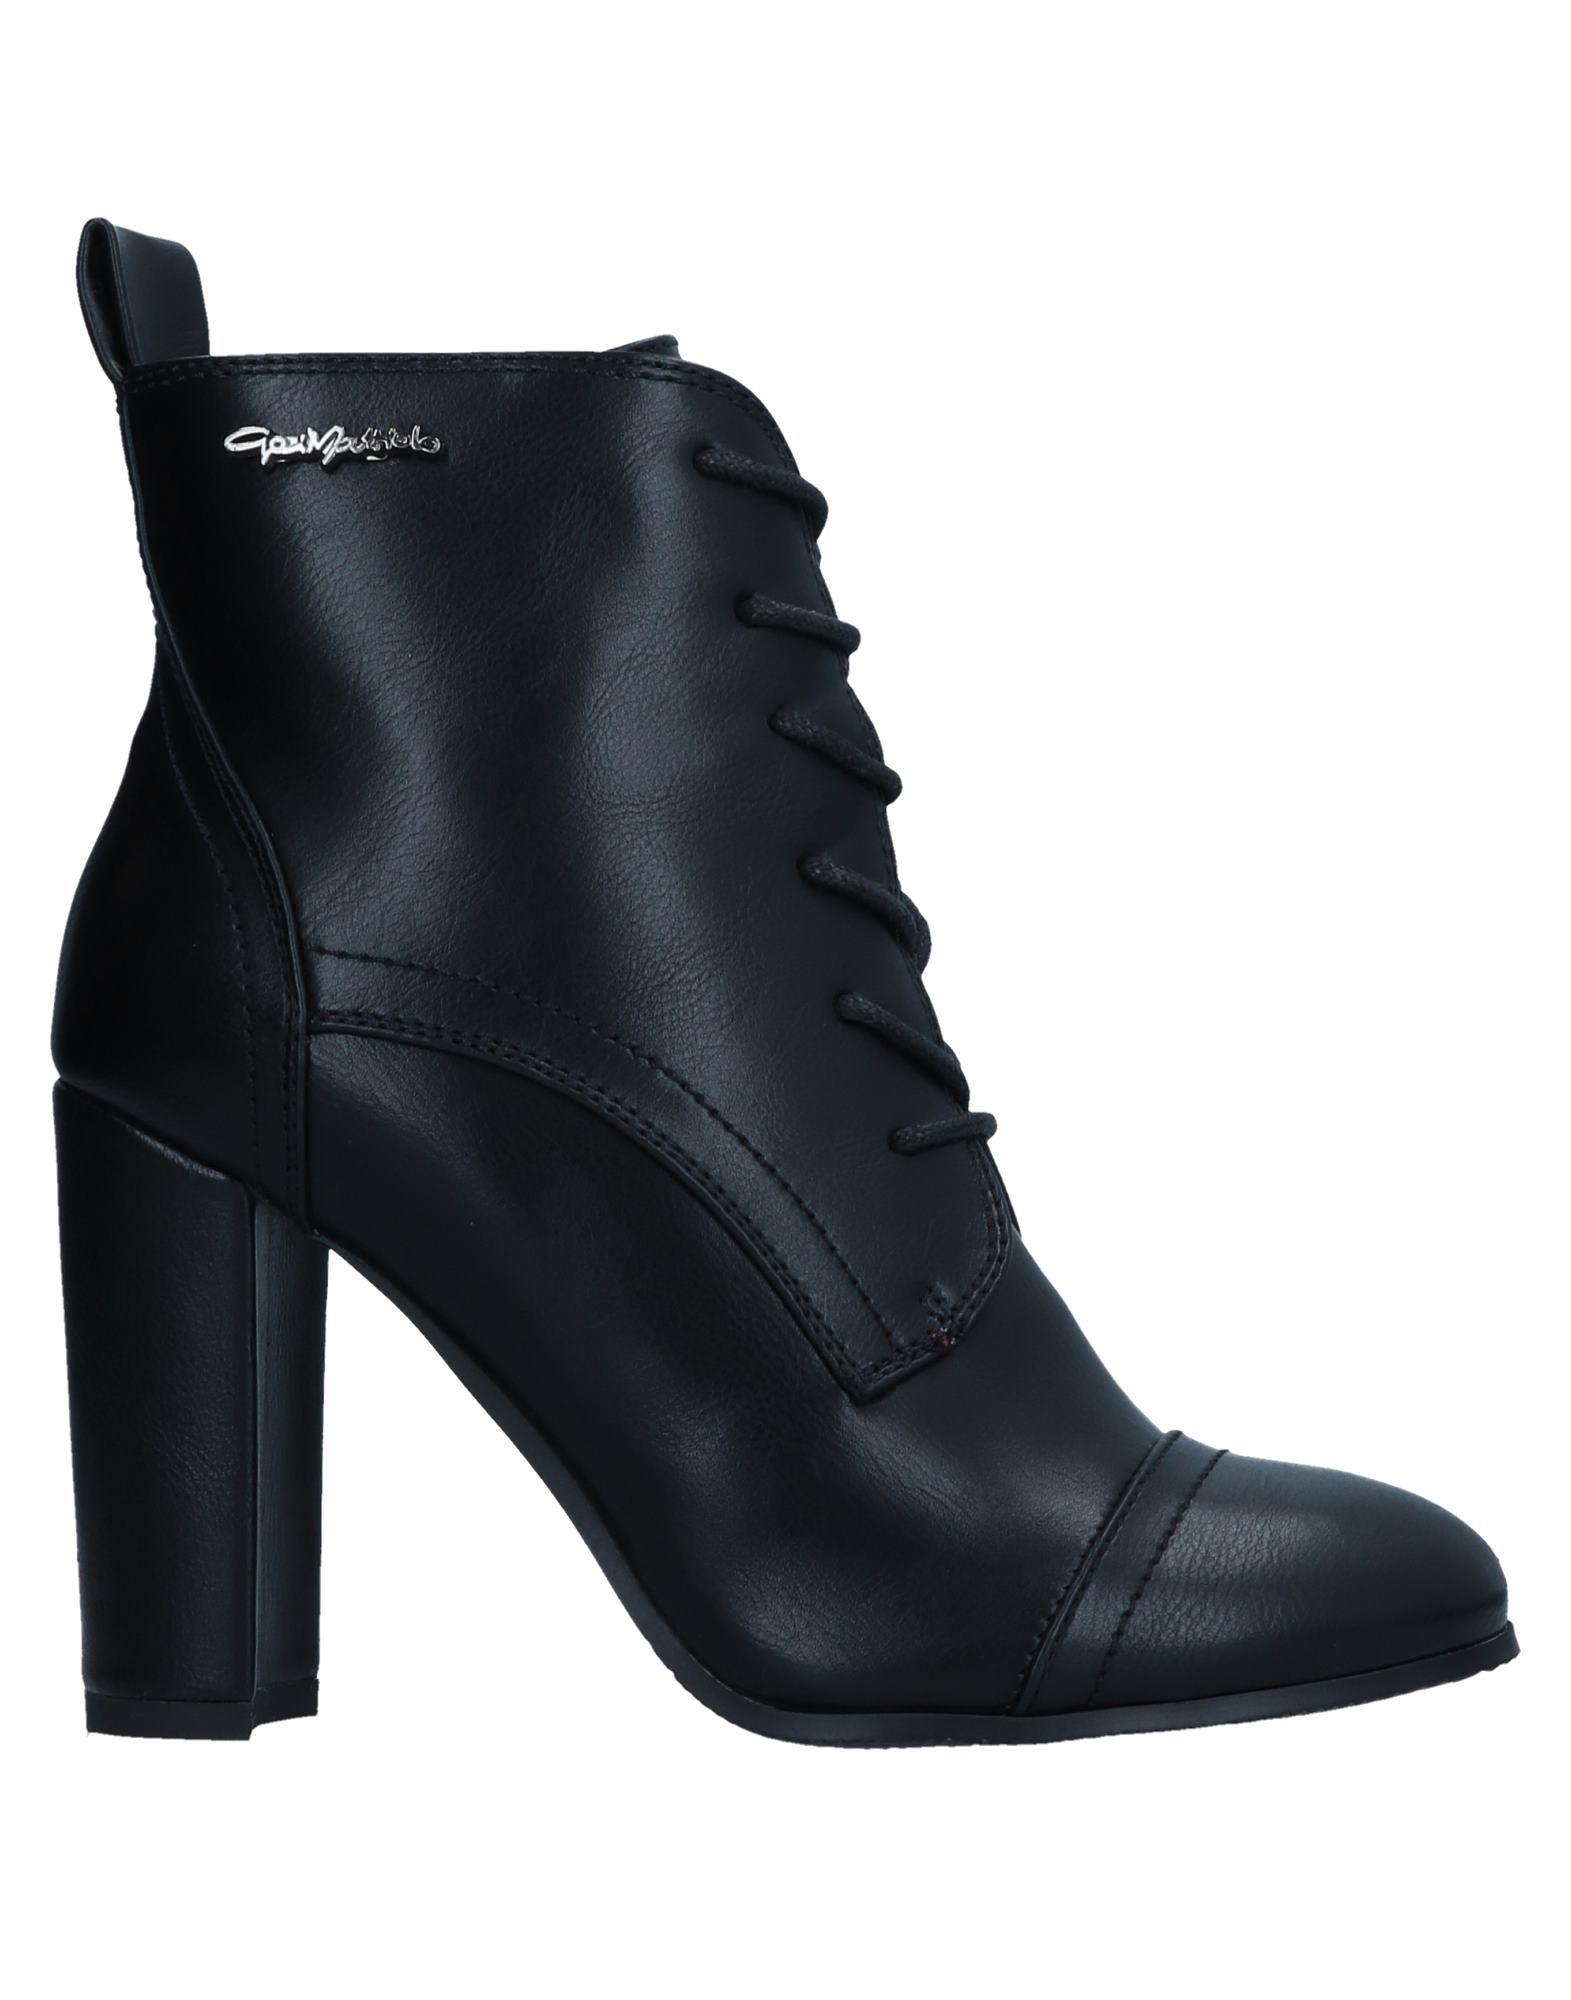 Gai 11546622VF Mattiolo Stiefelette Damen  11546622VF Gai Gute Qualität beliebte Schuhe 32c22b